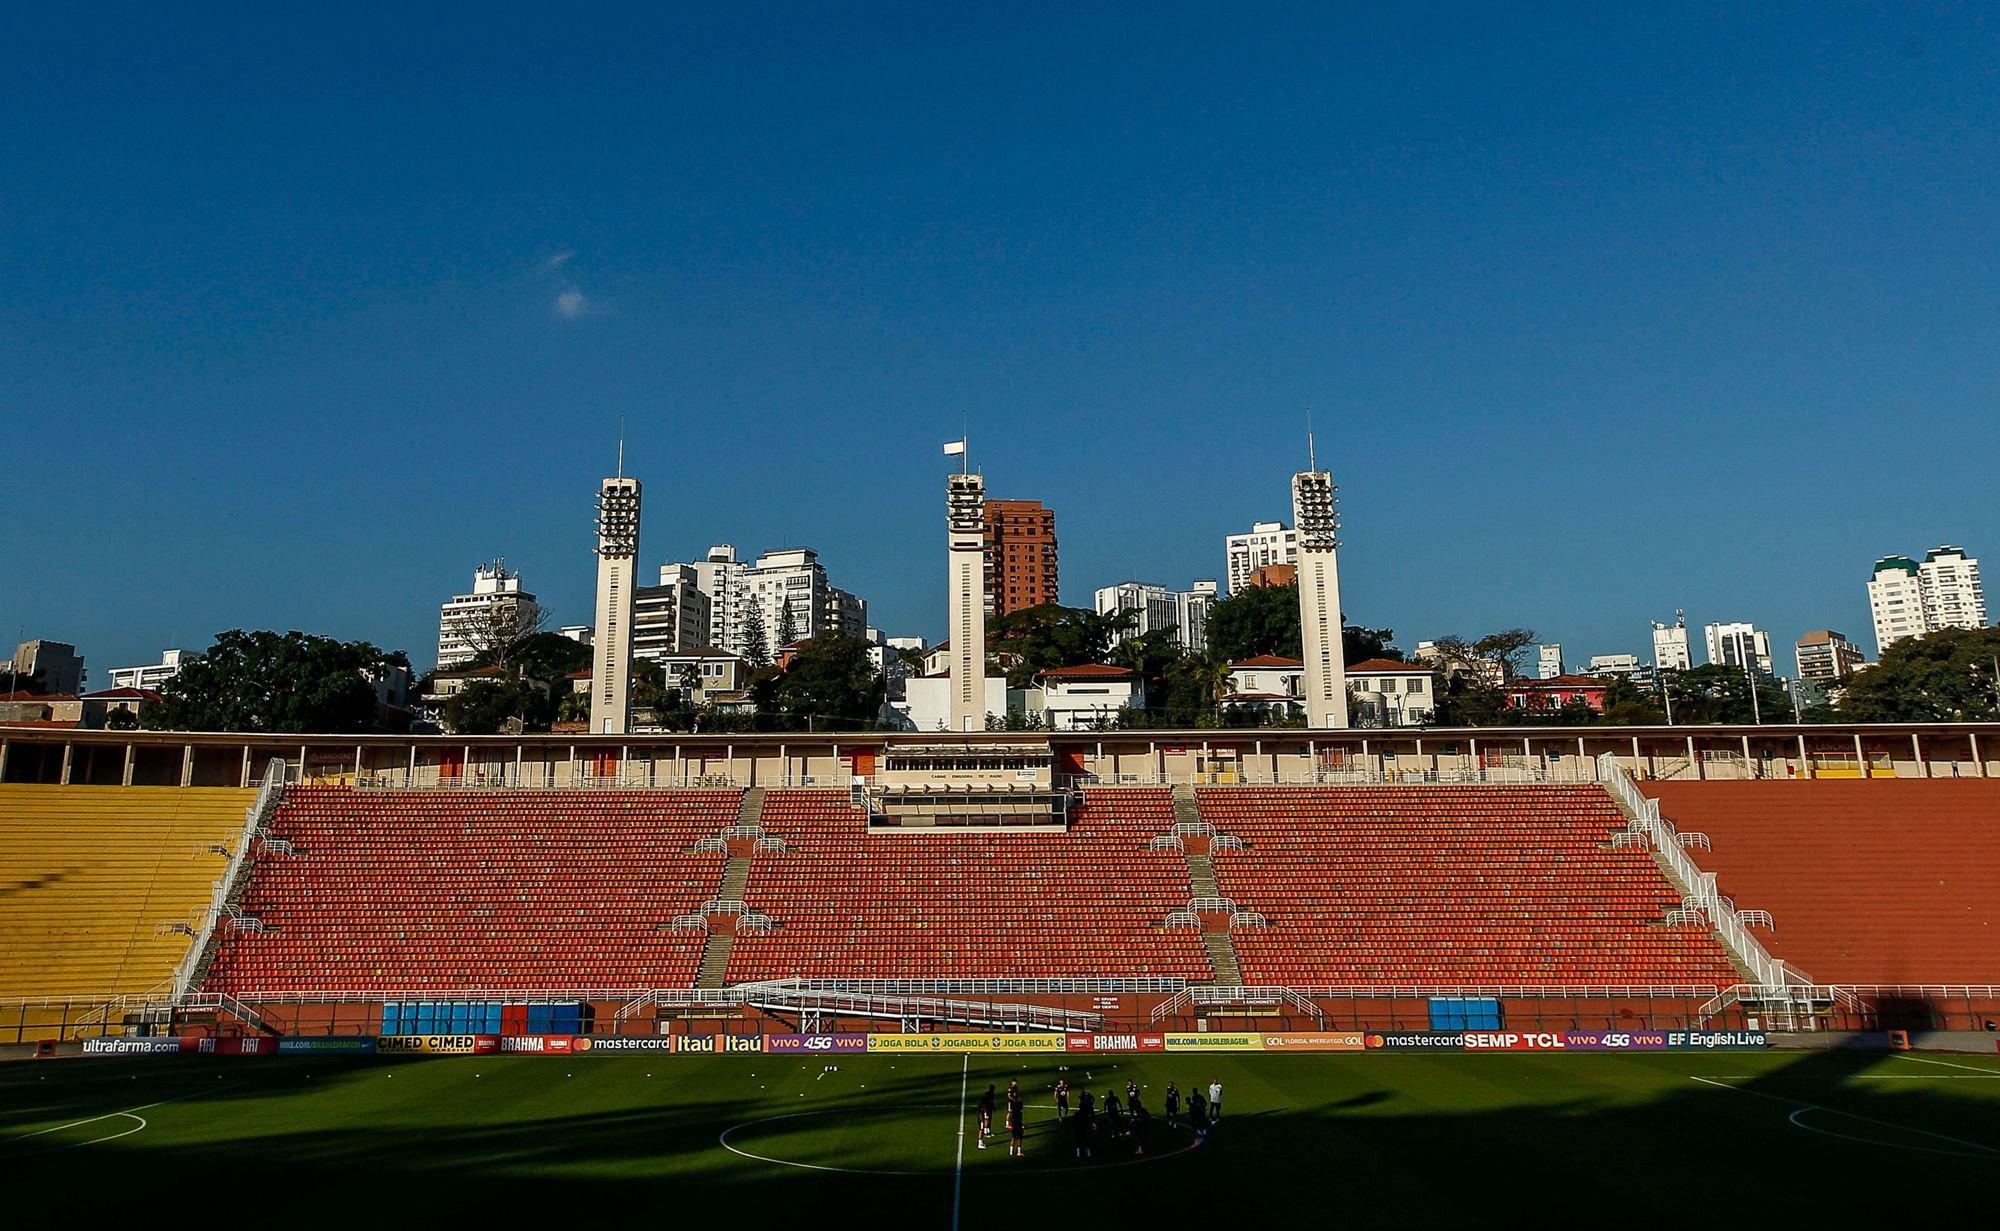 La selección brasileña se ejercita sobre uno de los campos en los que se disputará la Copa América.